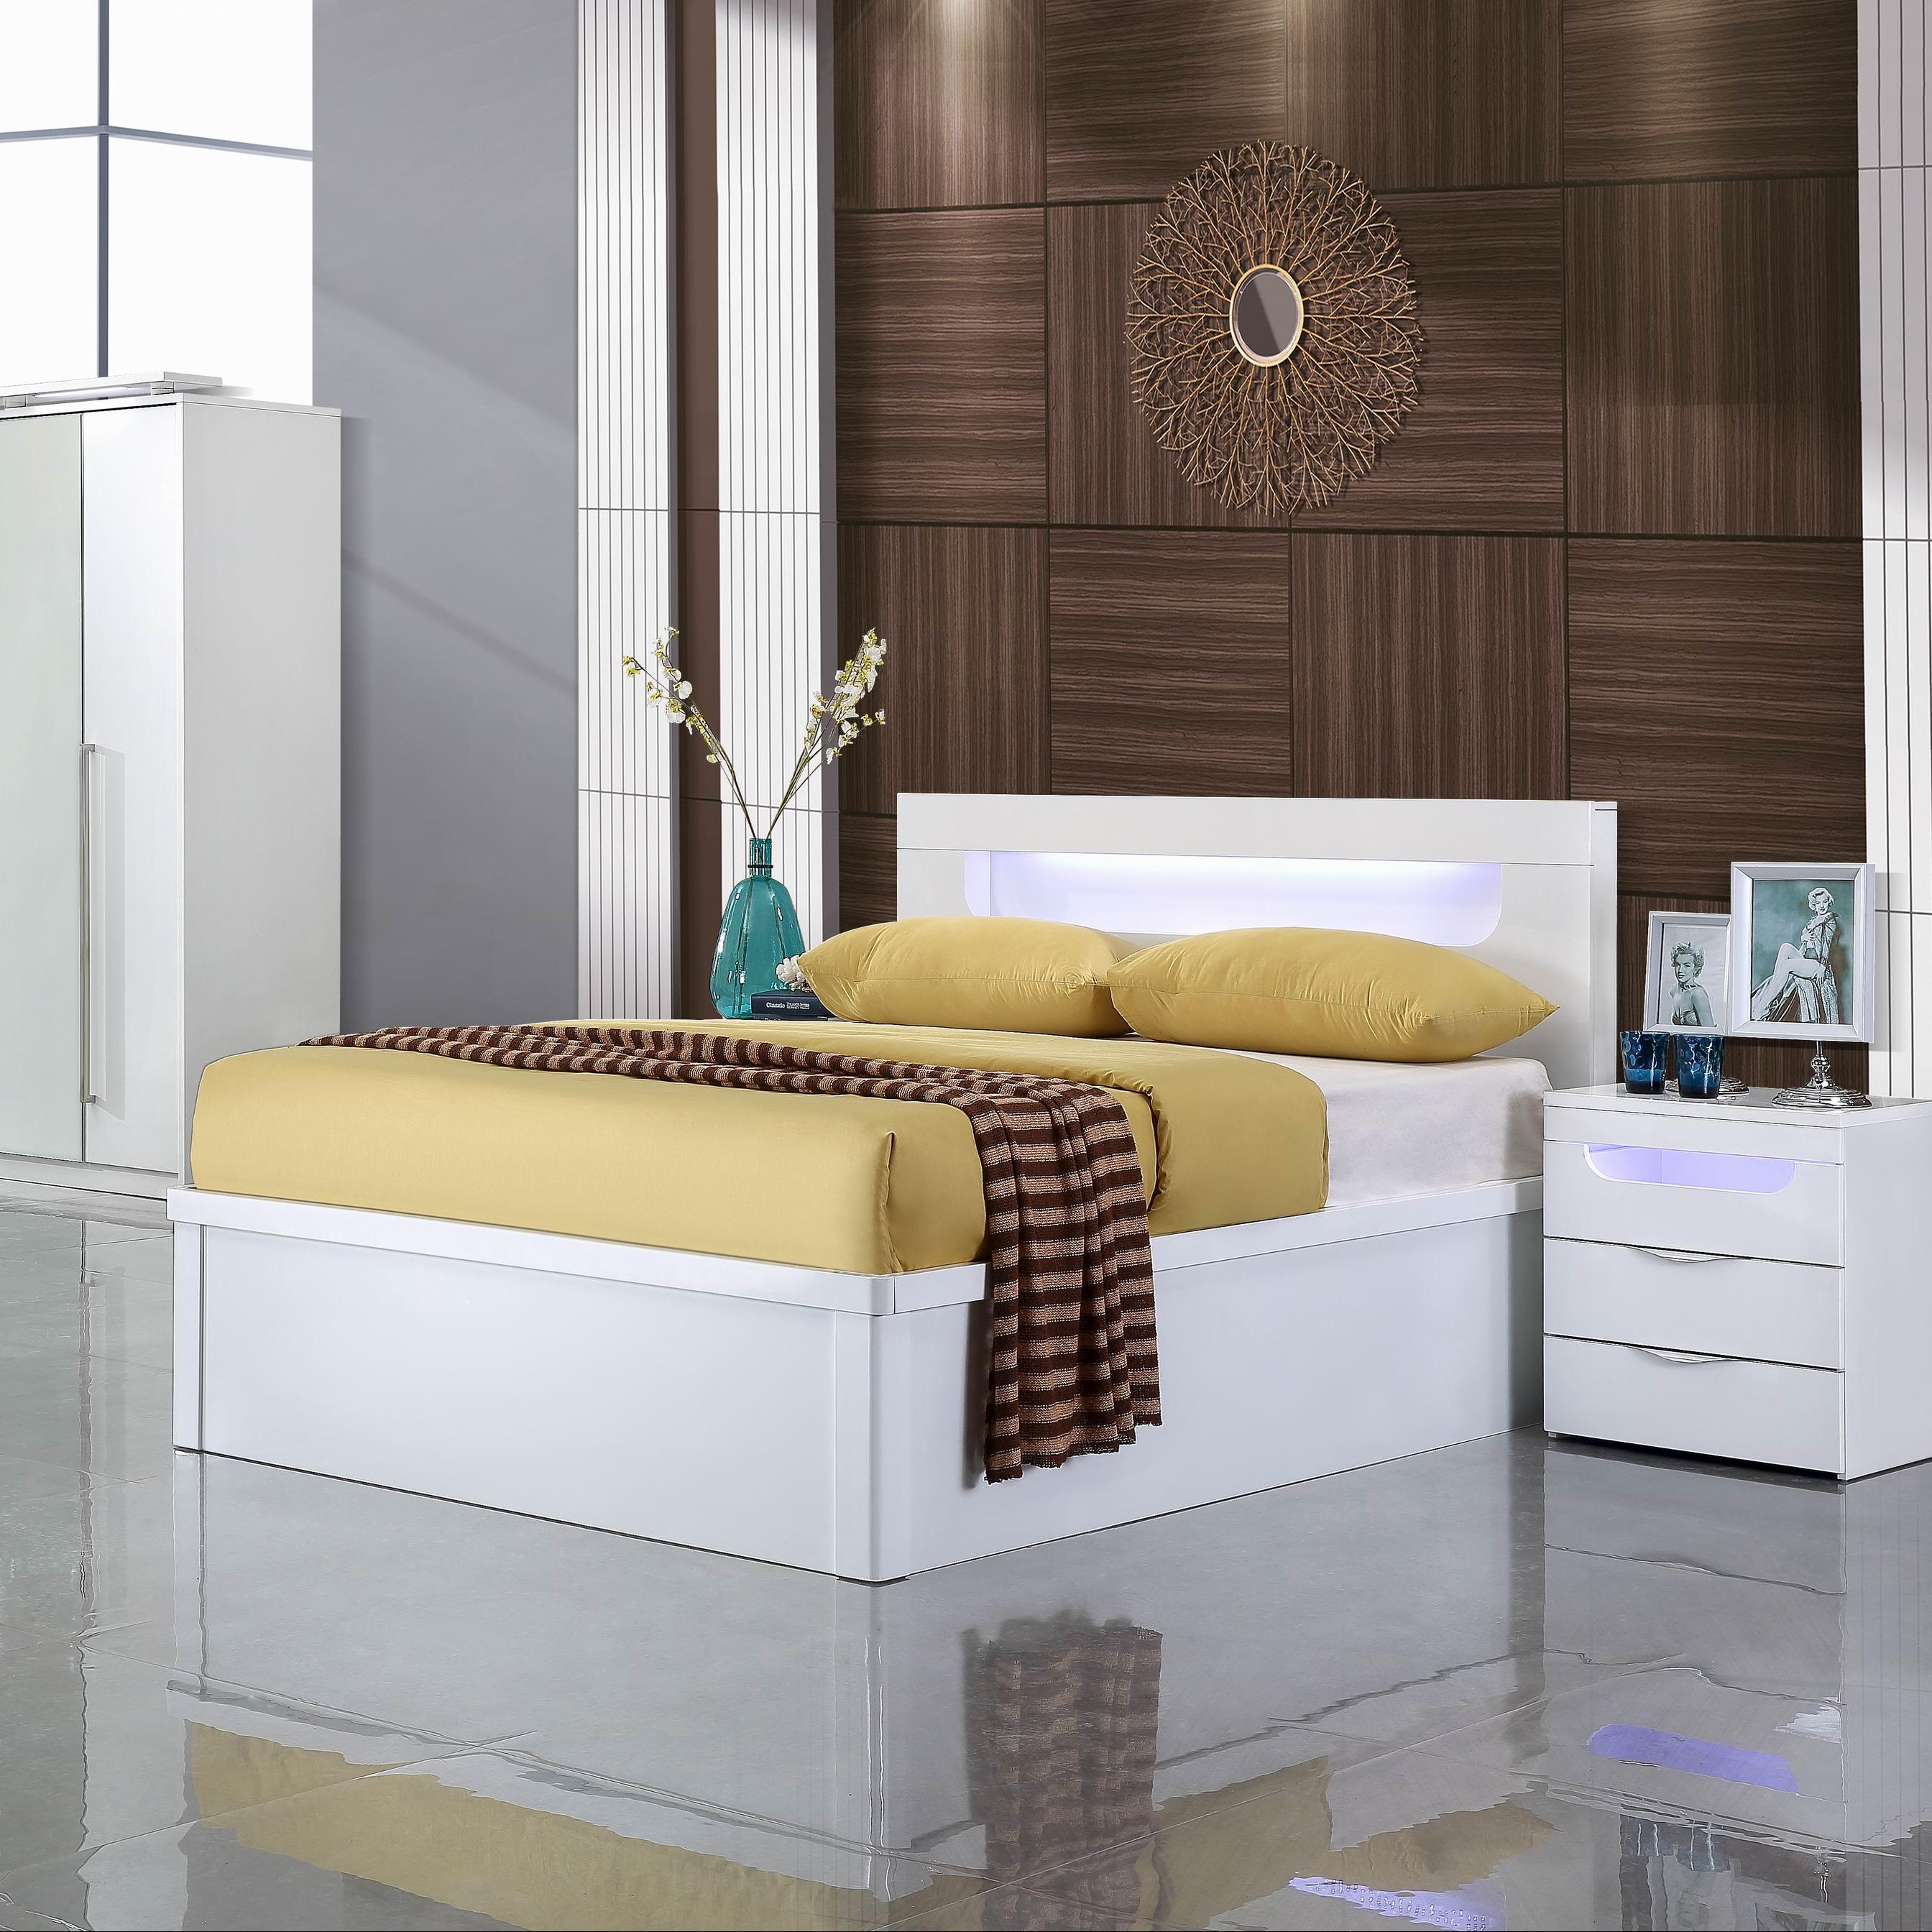 Direct Buy Furniture Full House Furniture Bedroom Furniture Sets